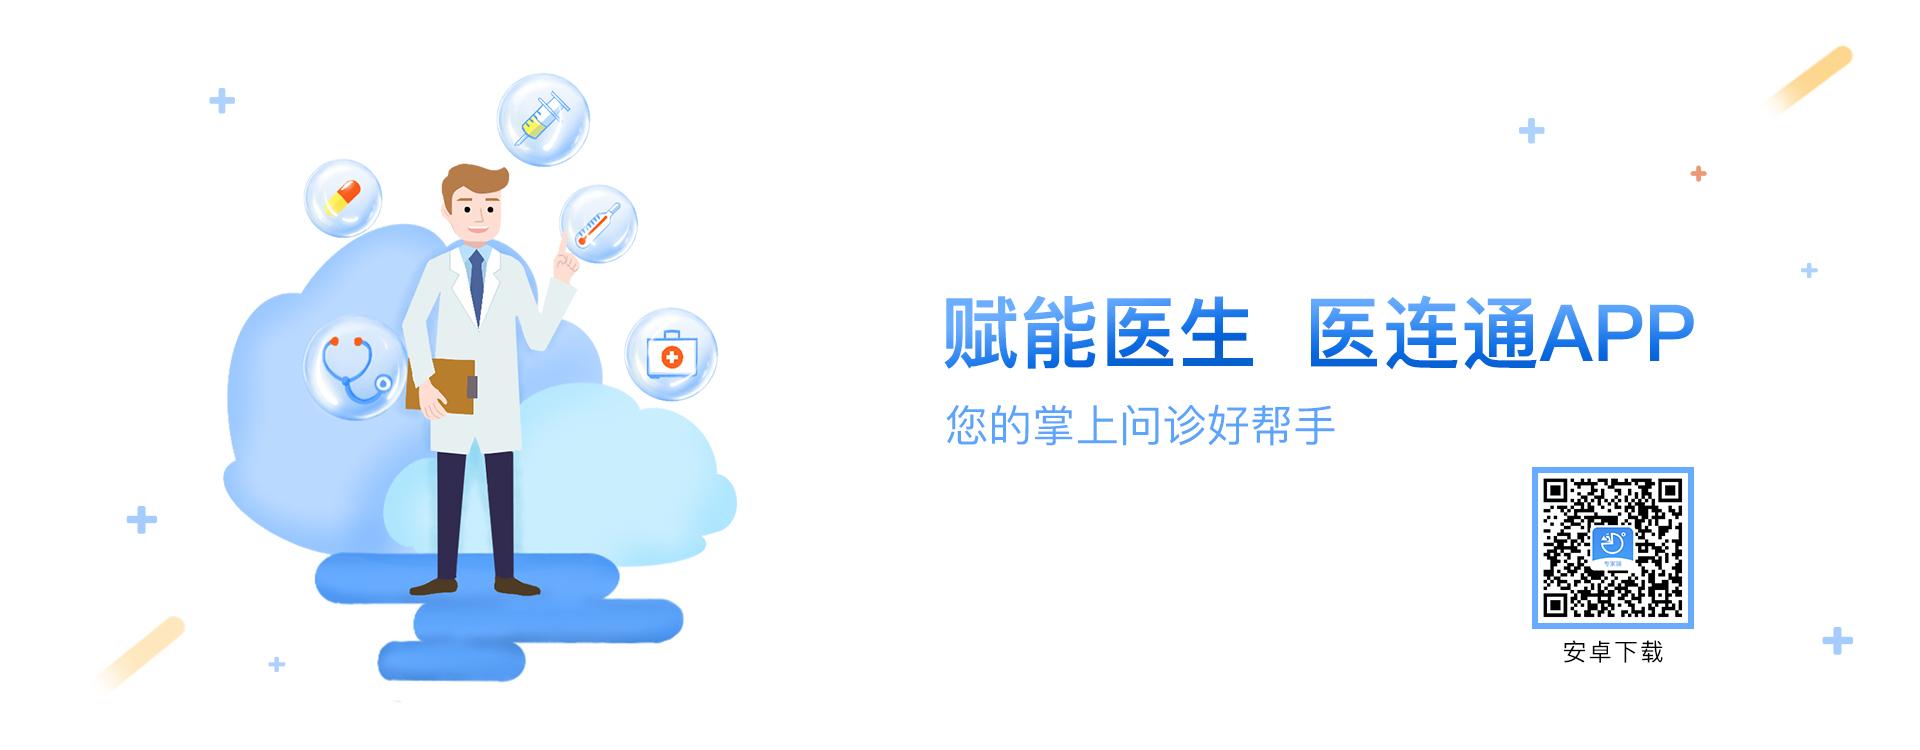 医连通下载二维码.jpg